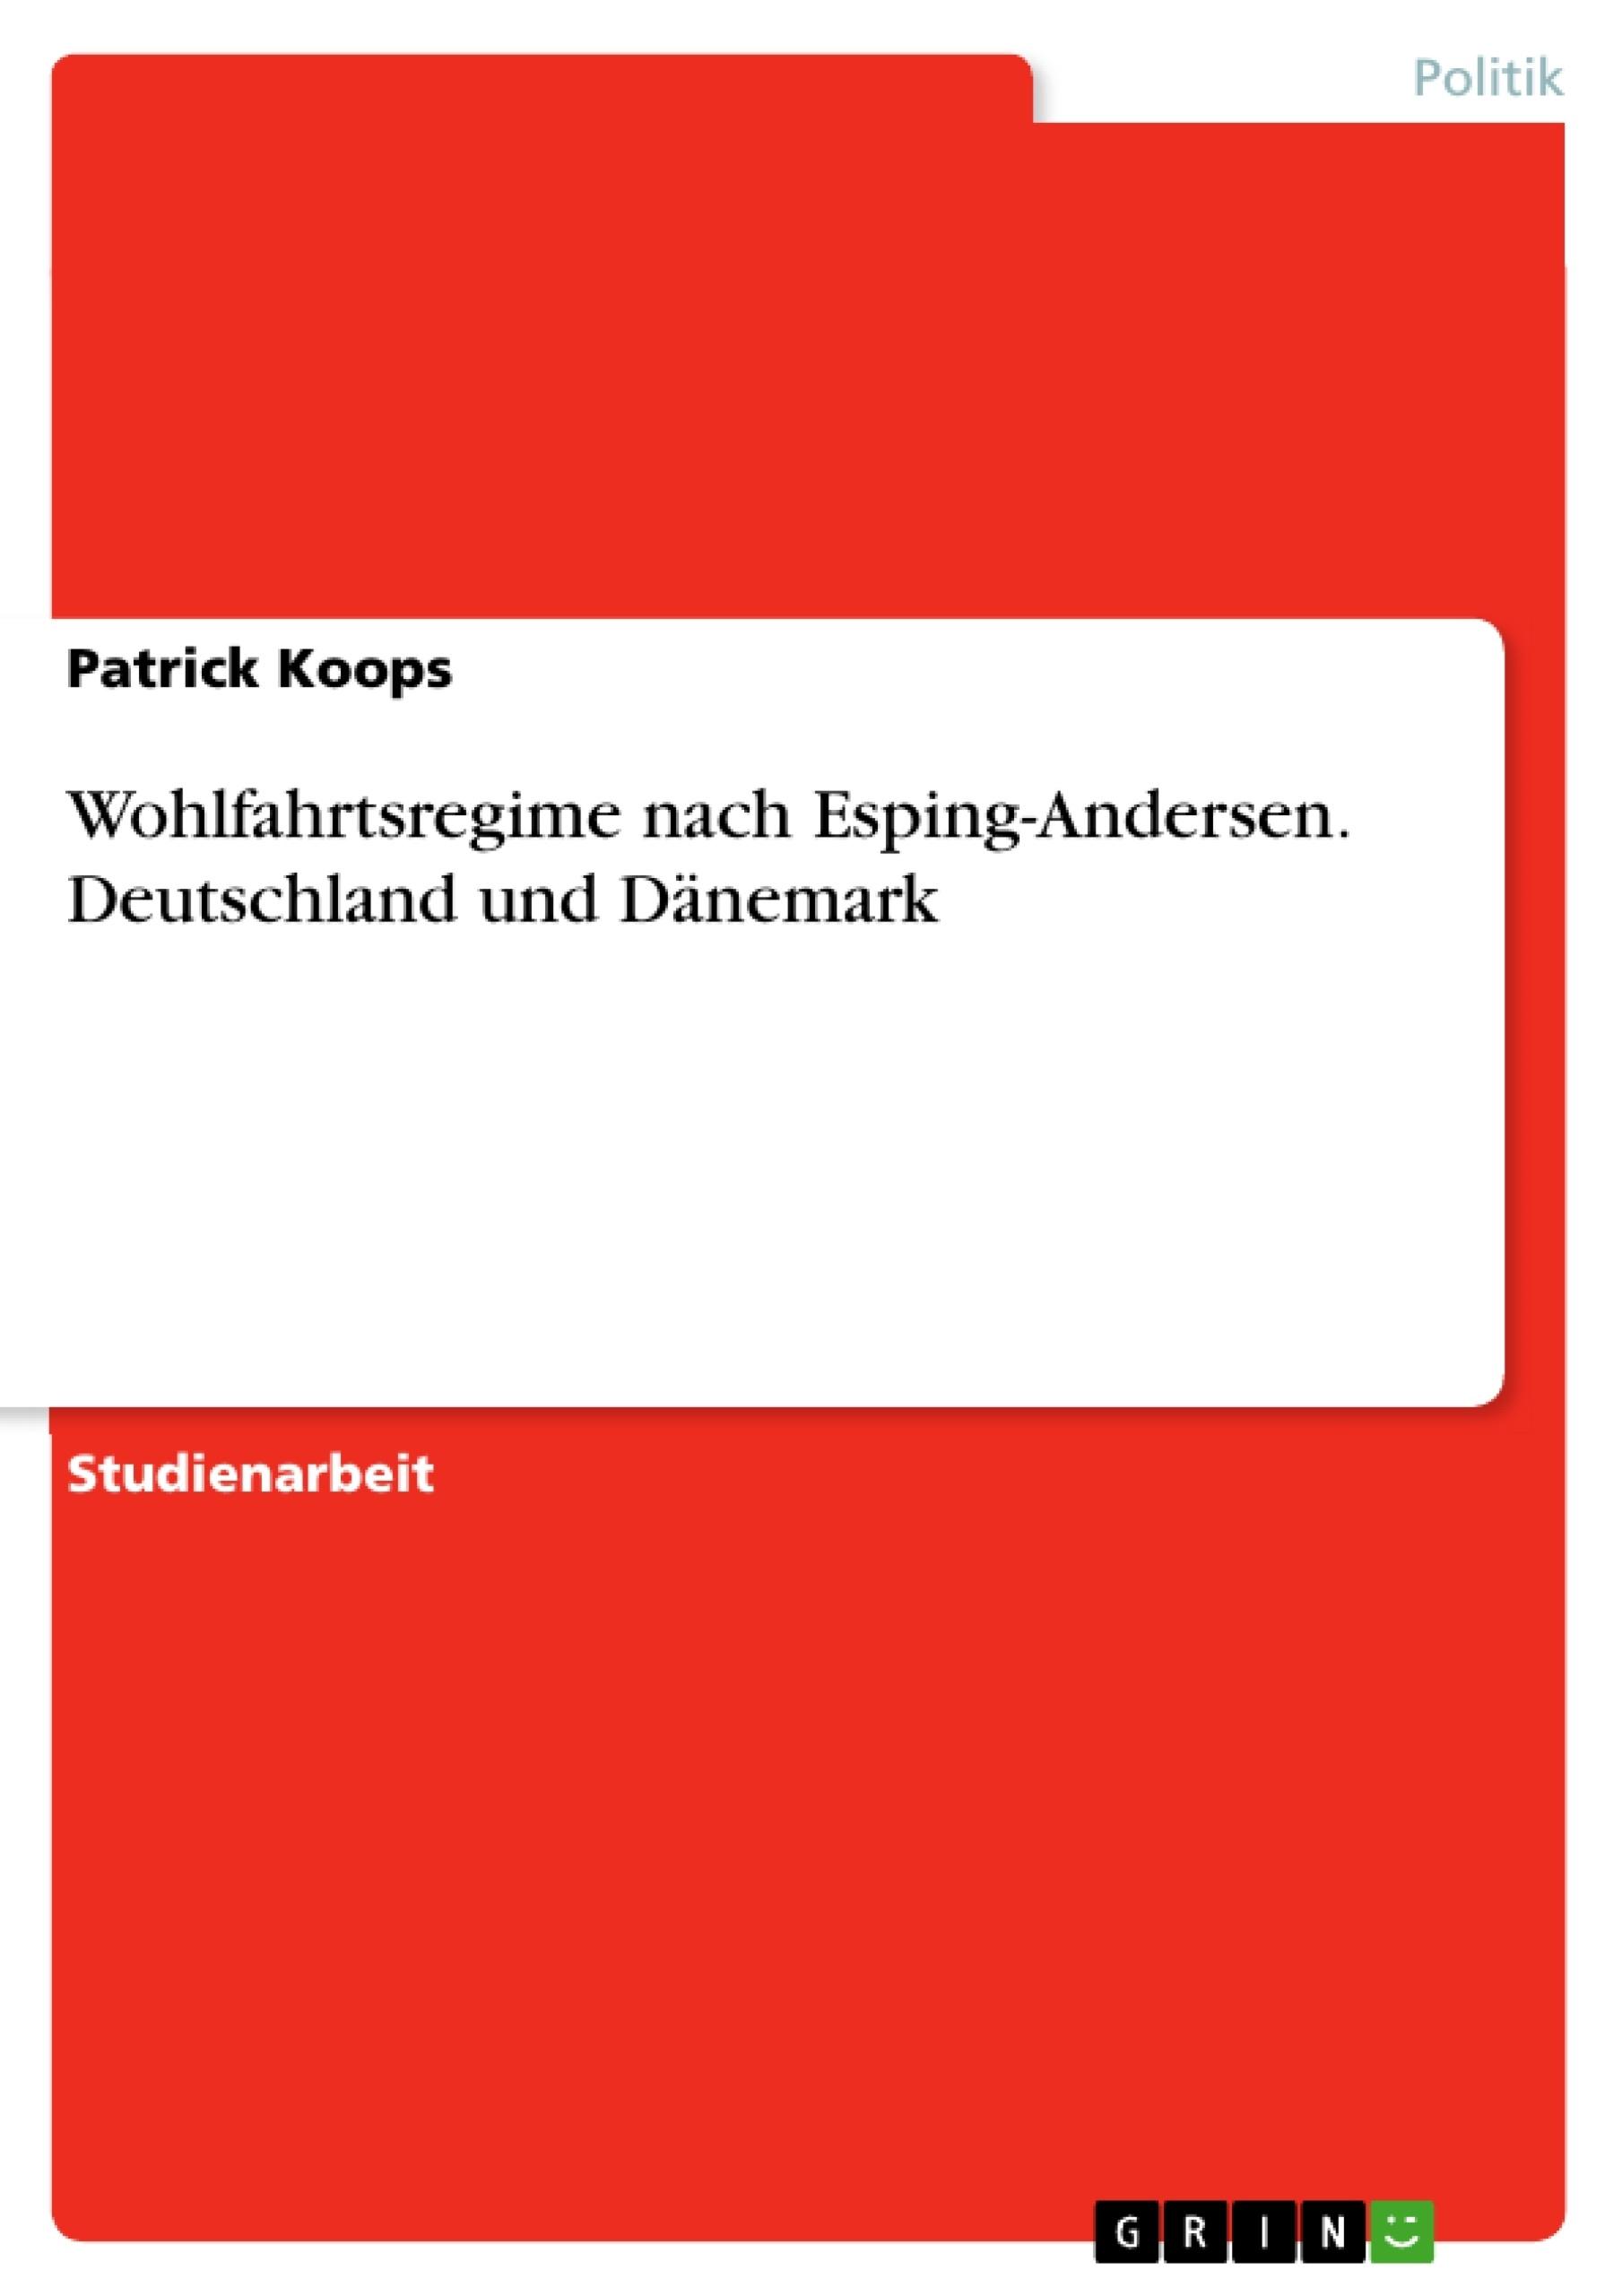 Titel: Wohlfahrtsregime nach Esping-Andersen. Deutschland und Dänemark